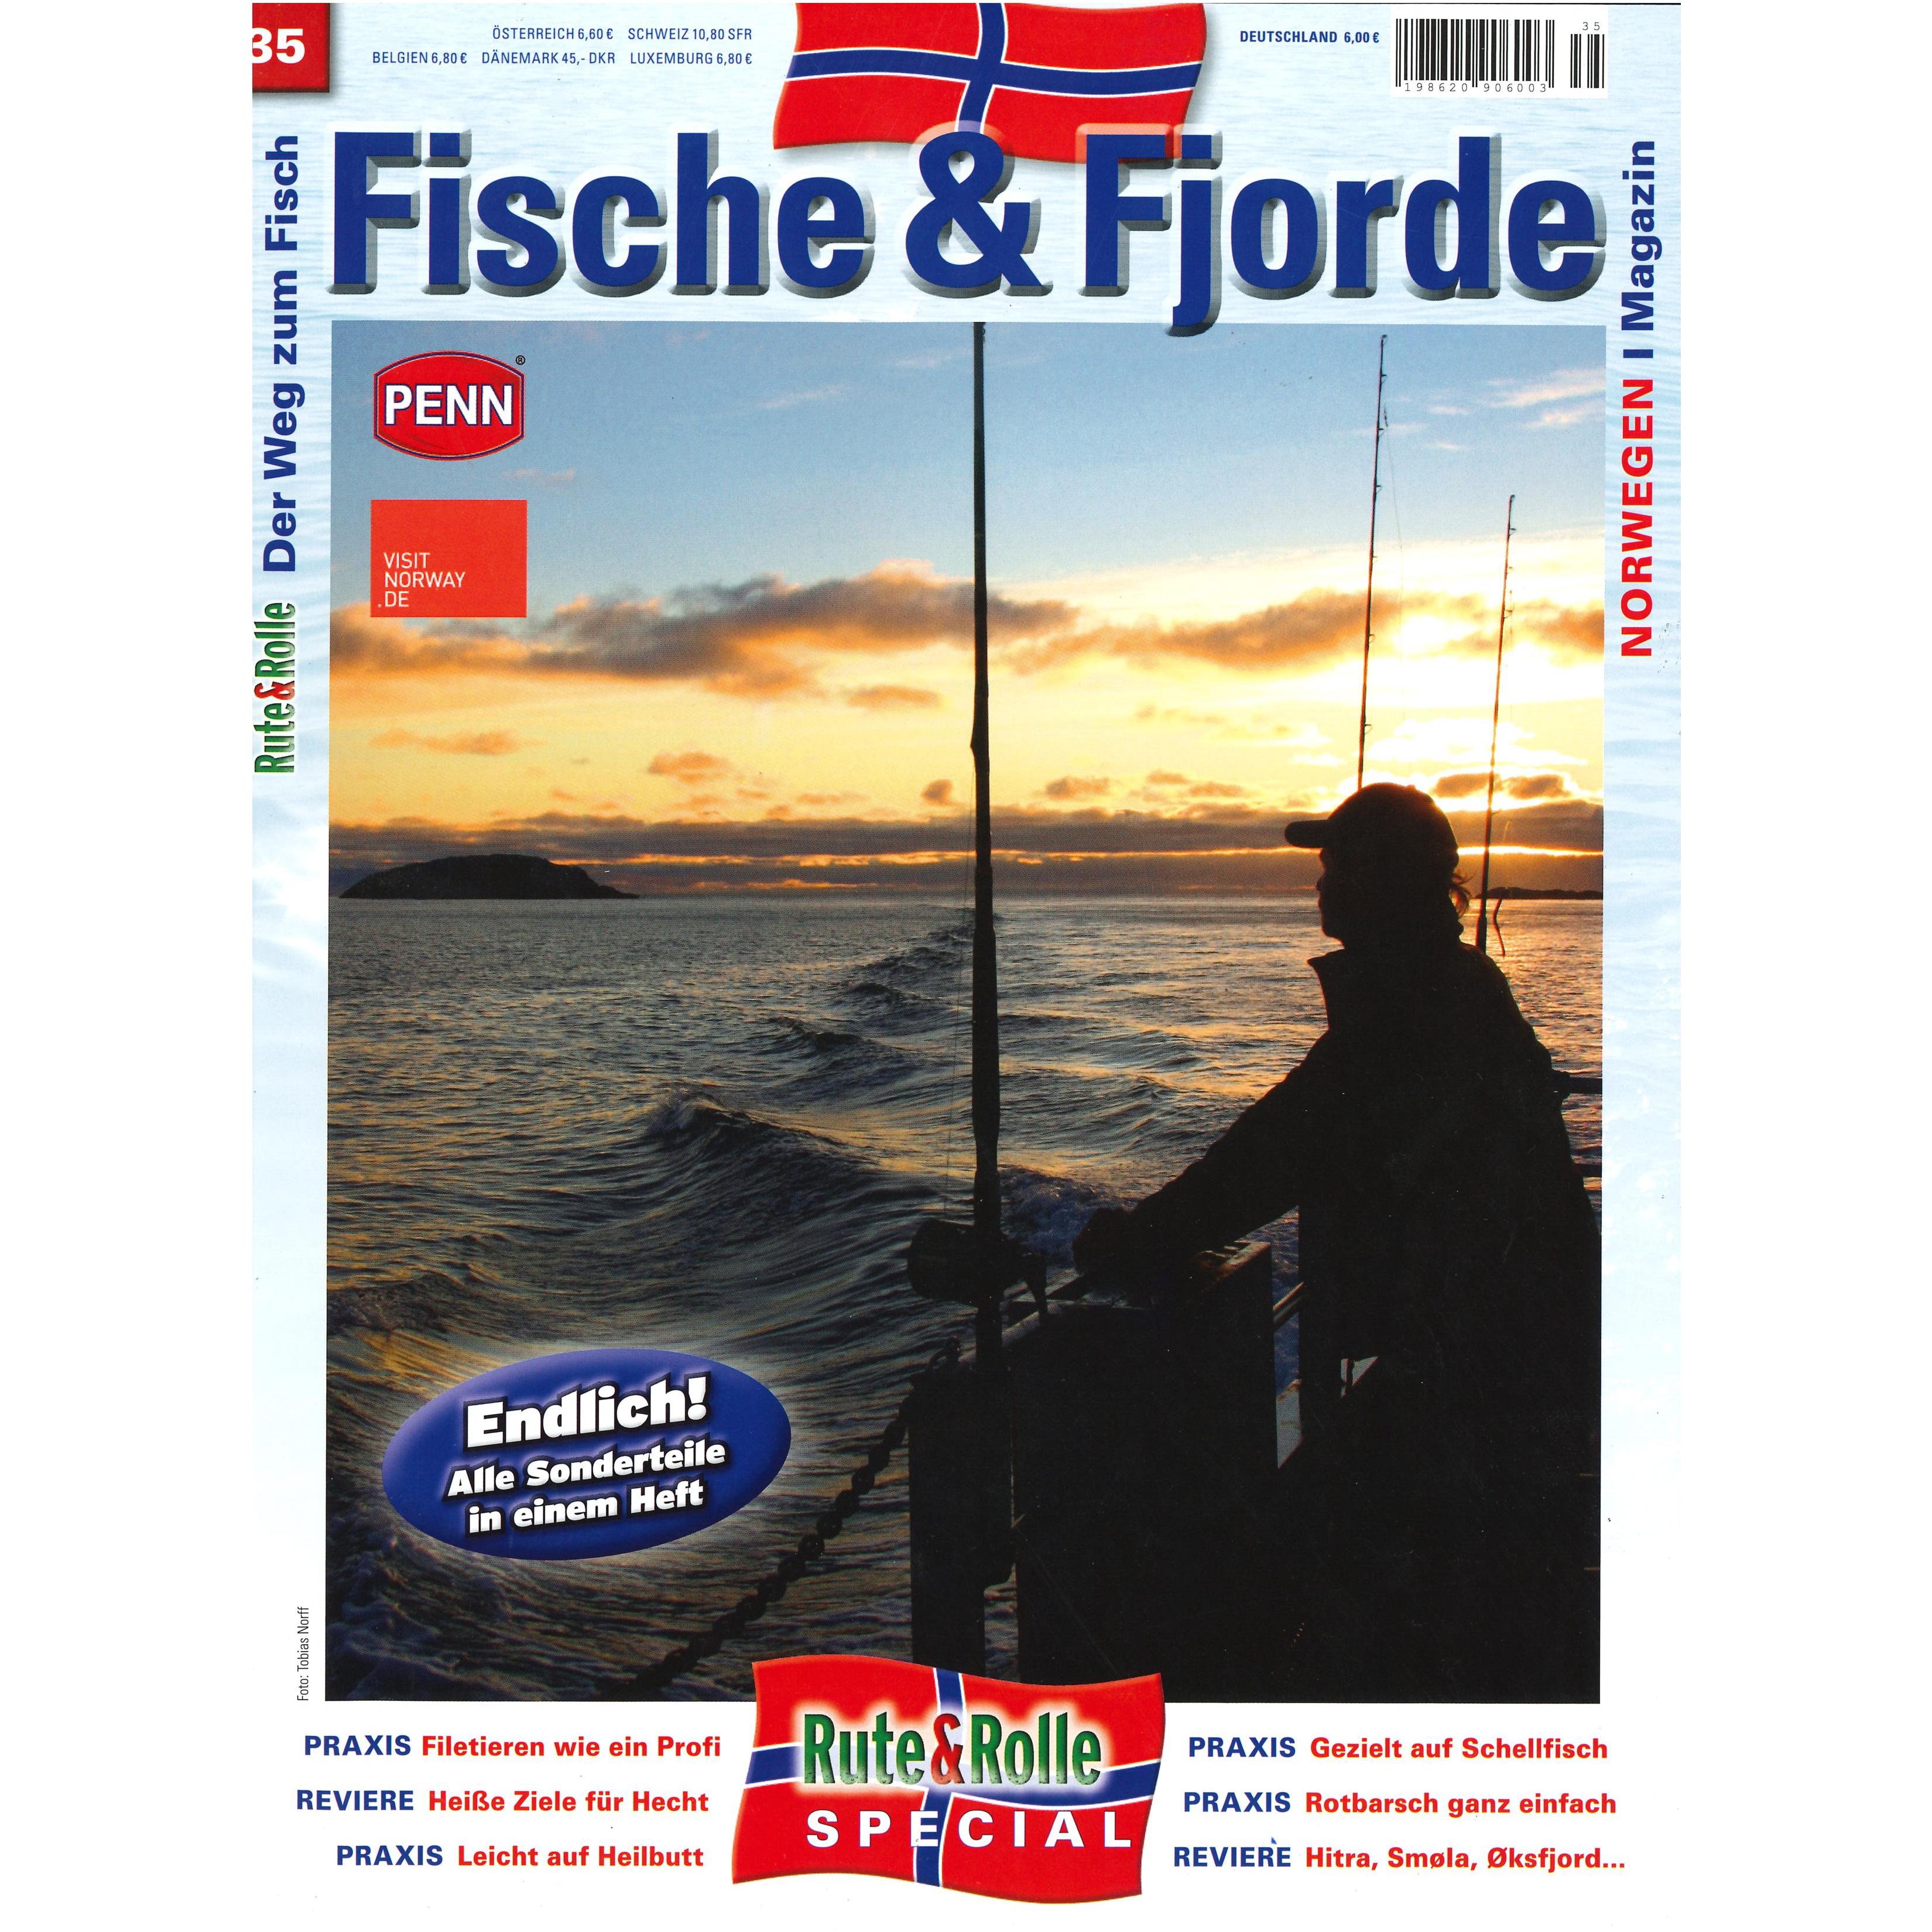 FISCHE&FJORDE 35